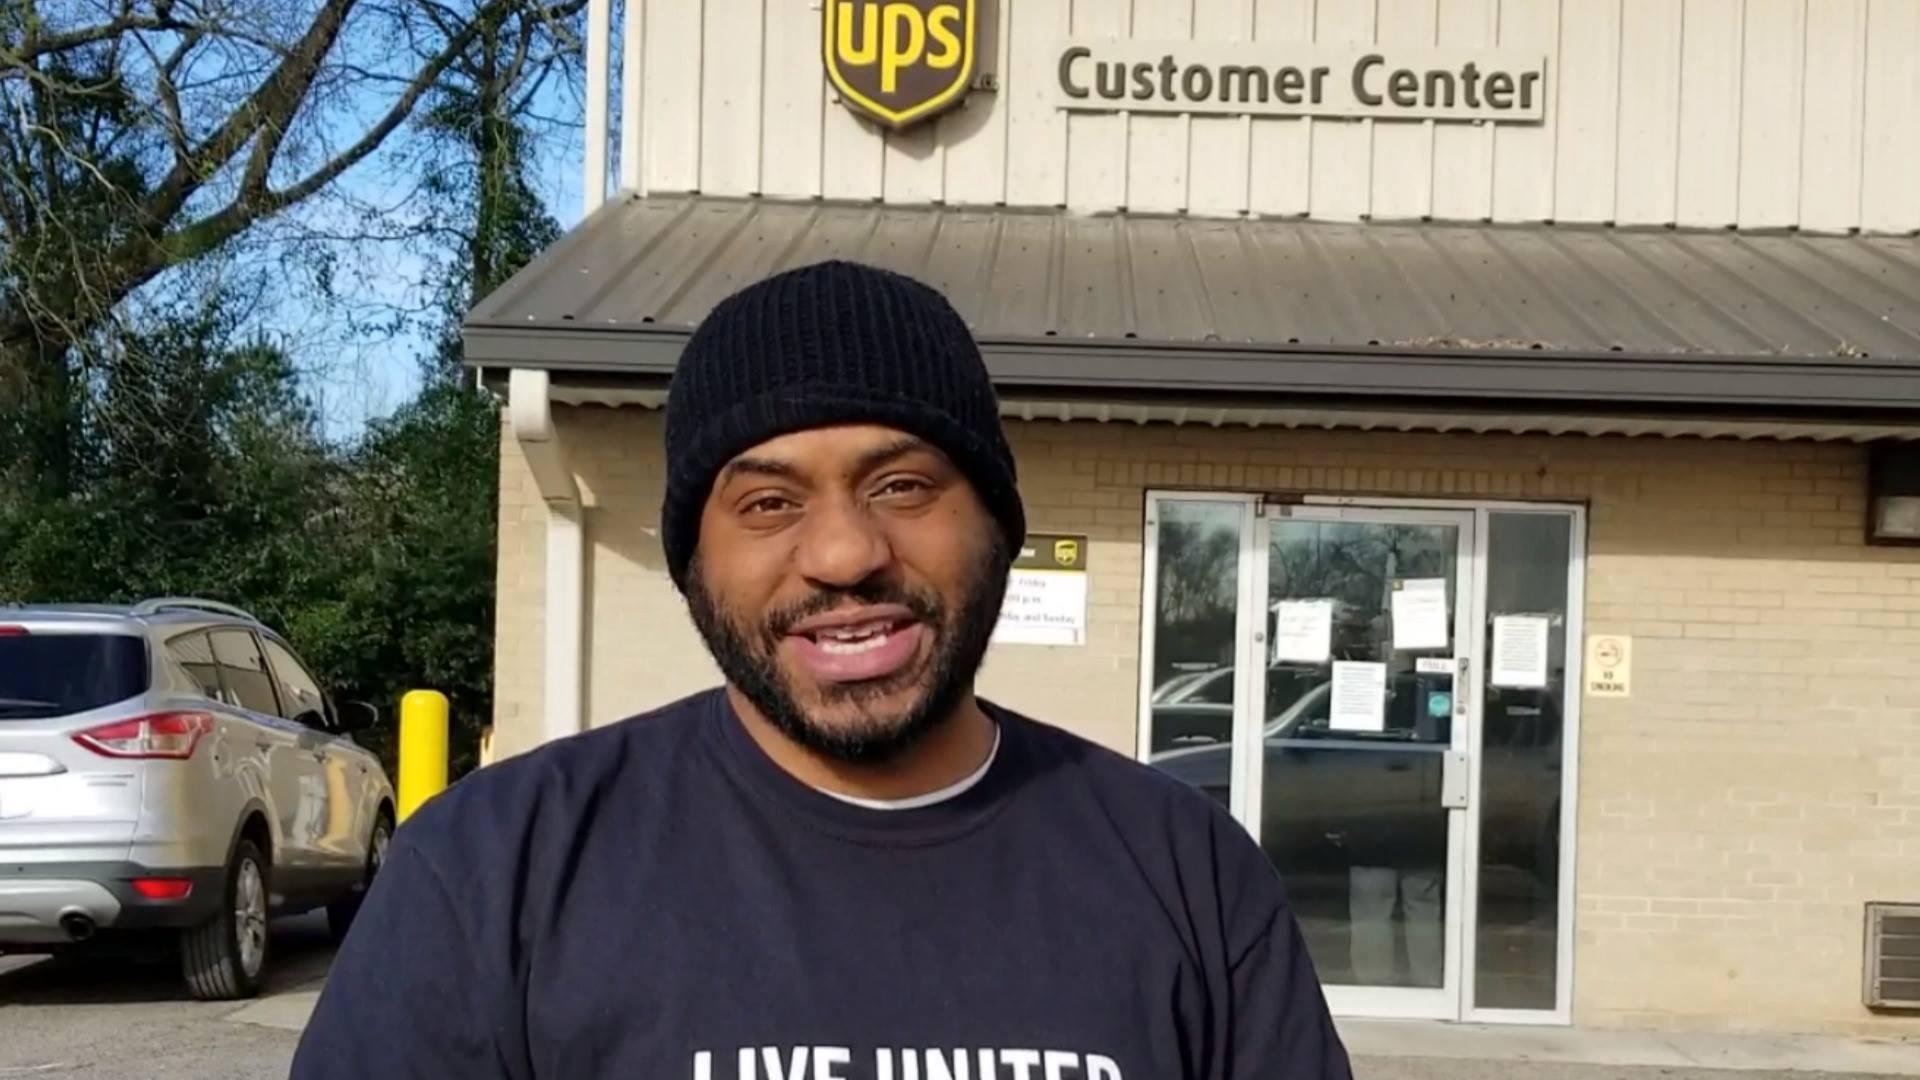 Thankful Thursday at UPS